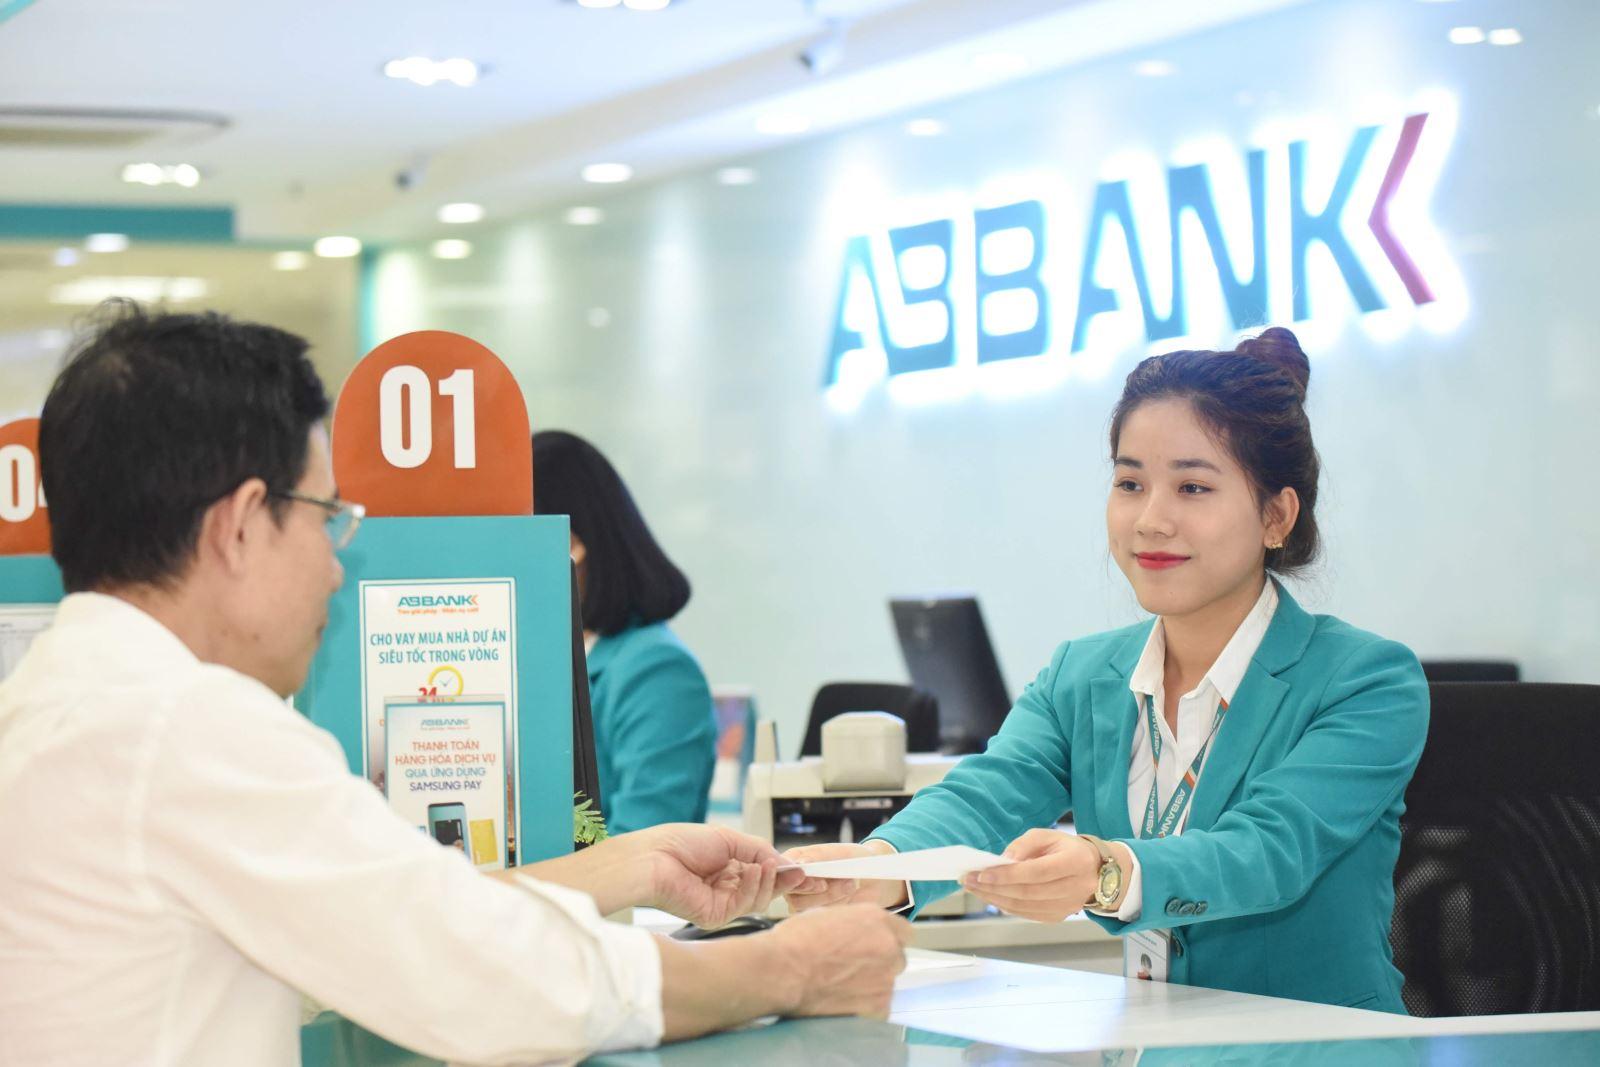 ABBank sẽ mua lại 2.500 tỷ đồng trái phiếu trước hạn